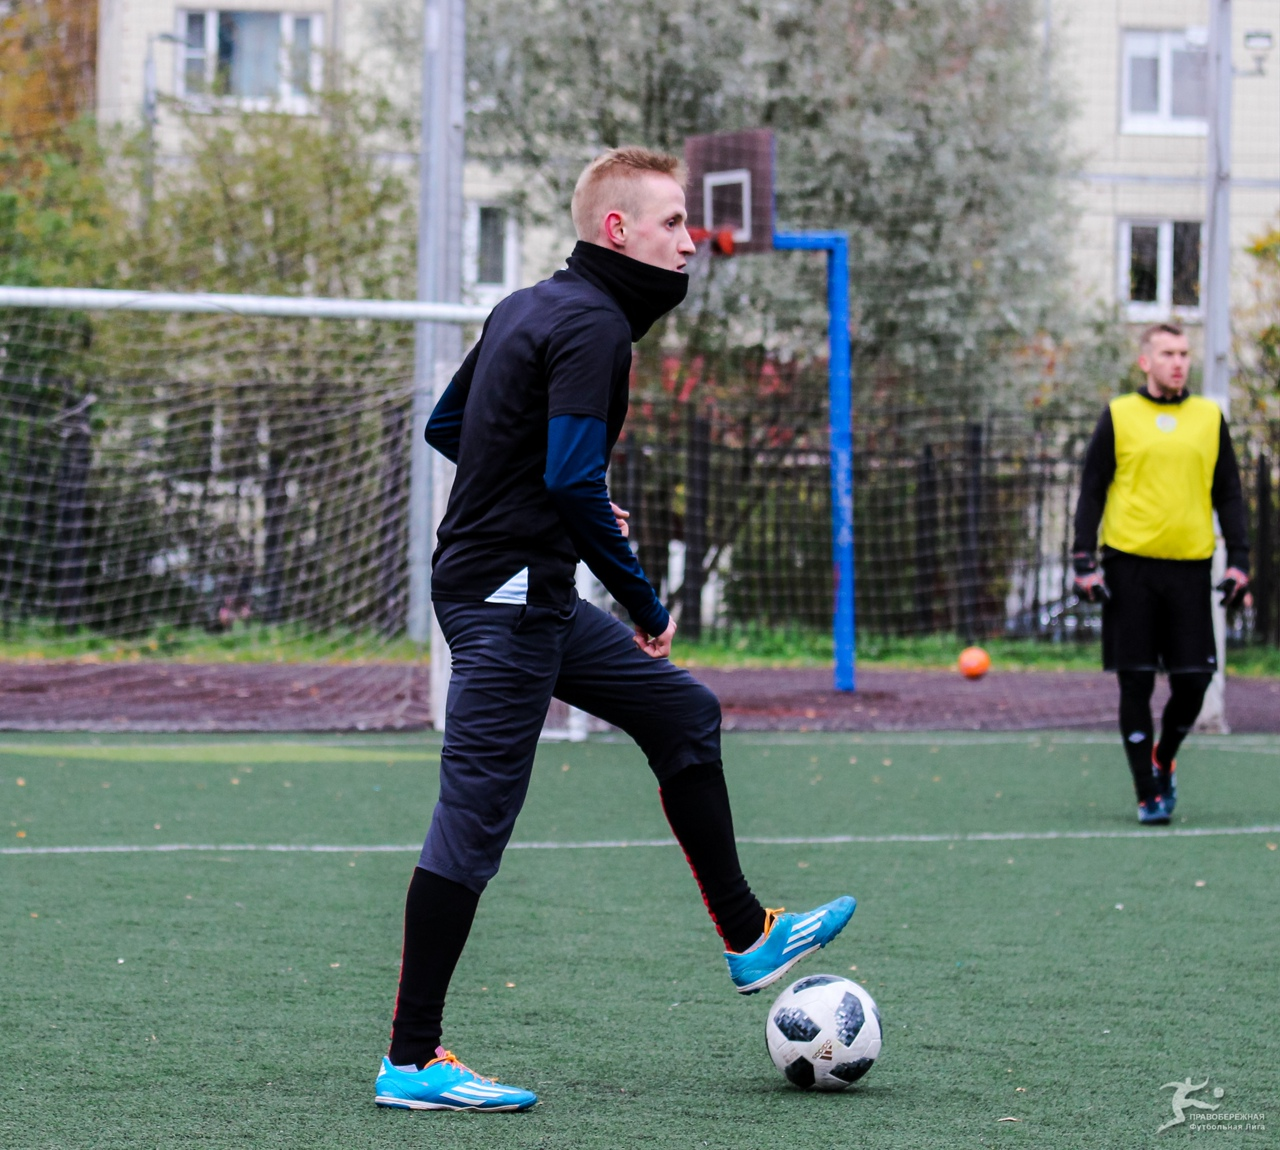 Николай Костров (Фарт)